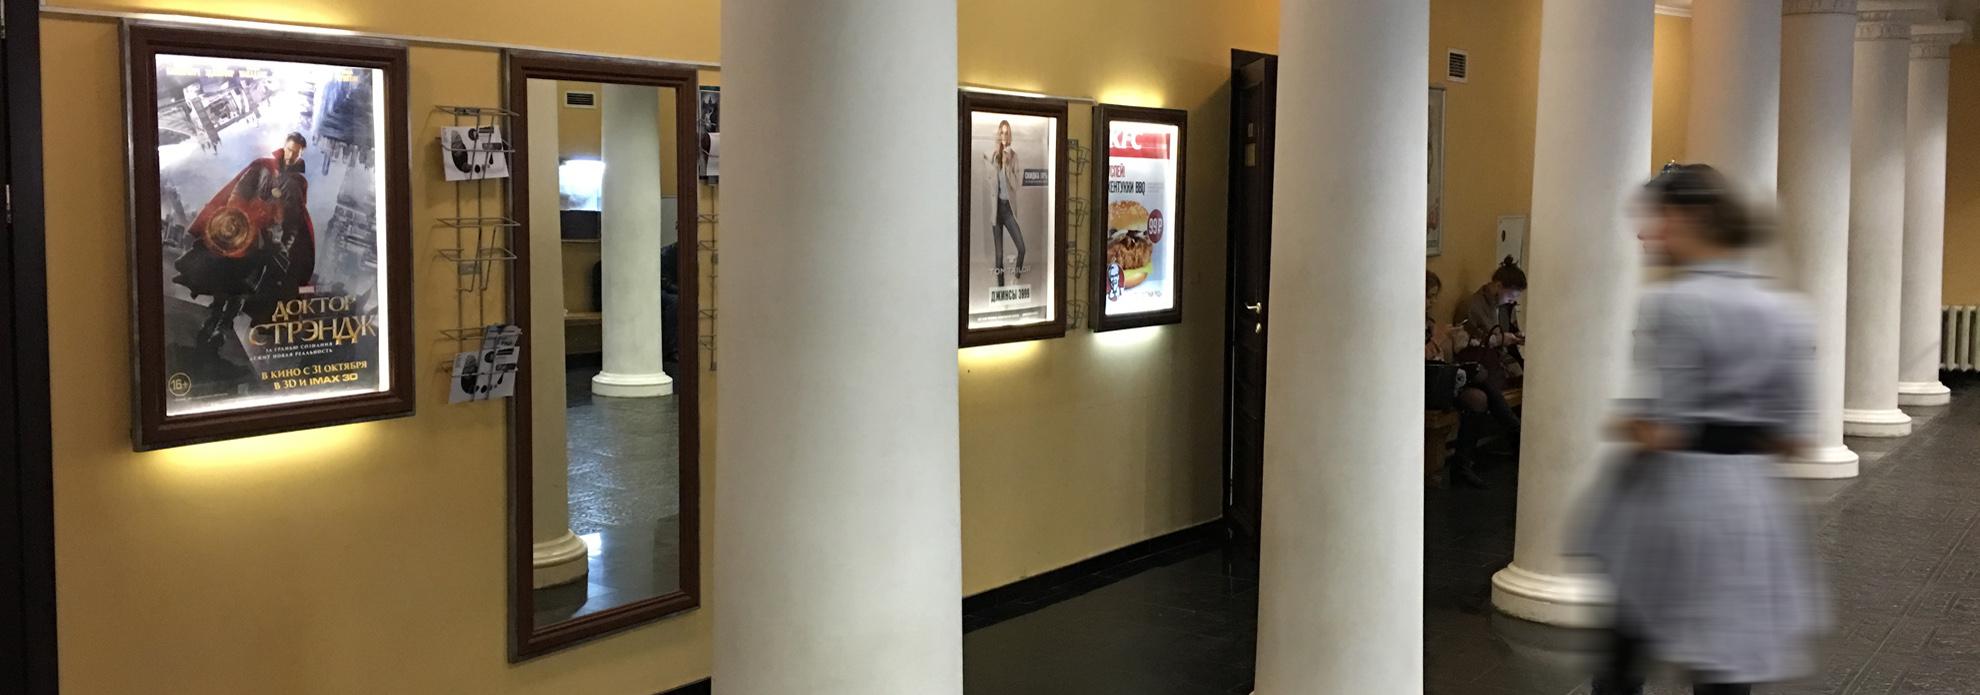 indoor-reklama-institute-moskva_mgu-lomonosova-isaa-msk_mohovaya-ul